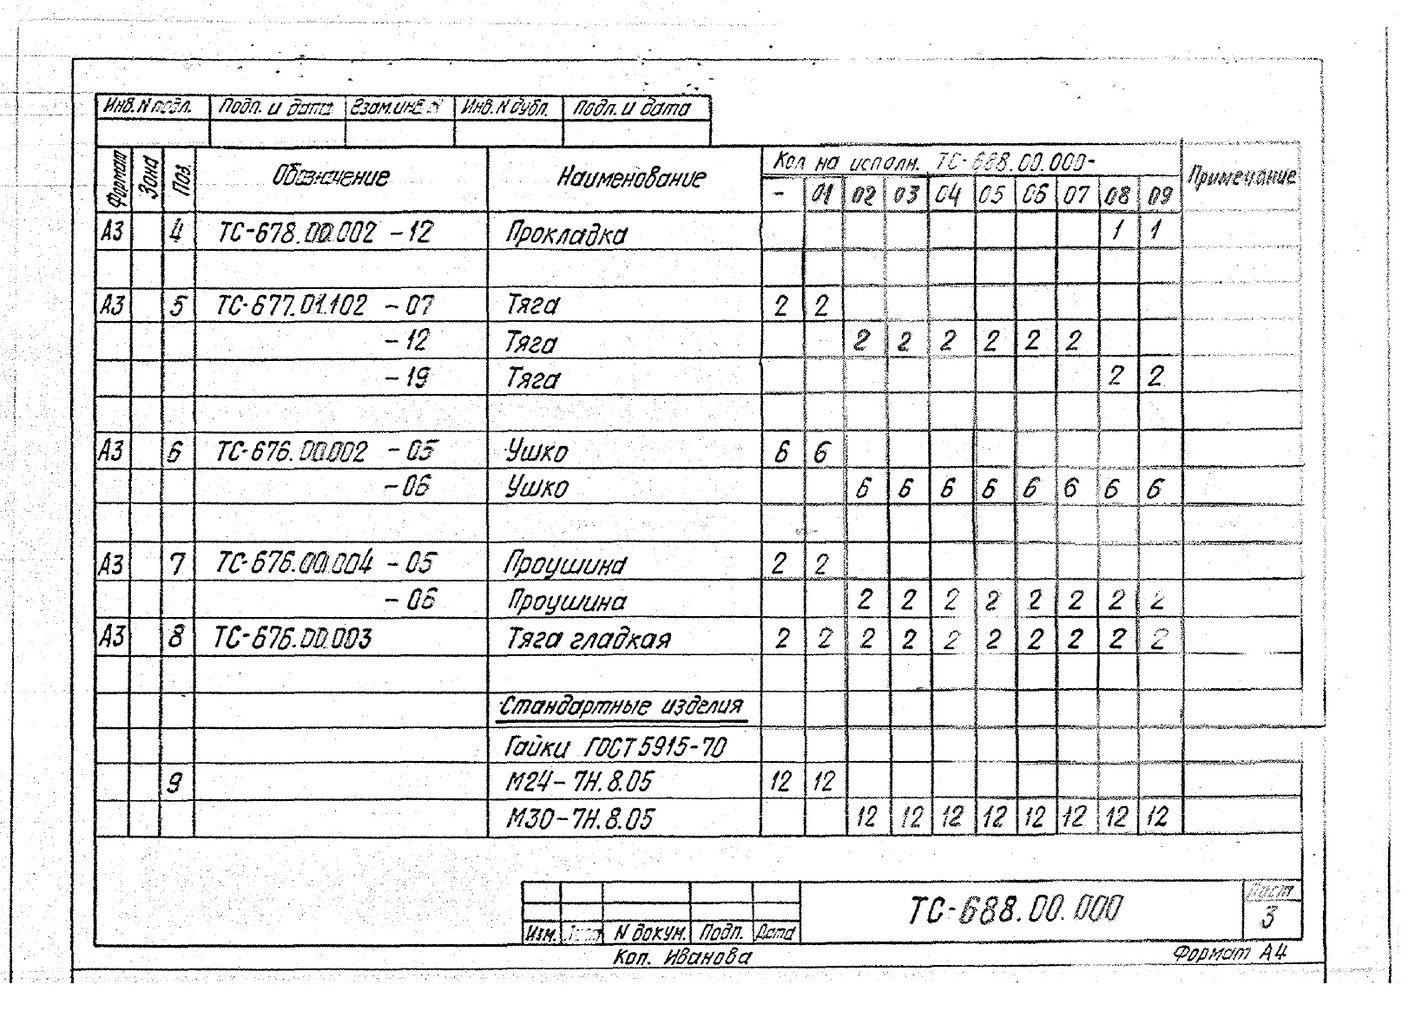 Подвески пружинные для горизонтальных трубопроводов Дн 377-1420 мм ТС-688.00.000 СБ серия 5.903-13 выпуск 6-95 стр.5